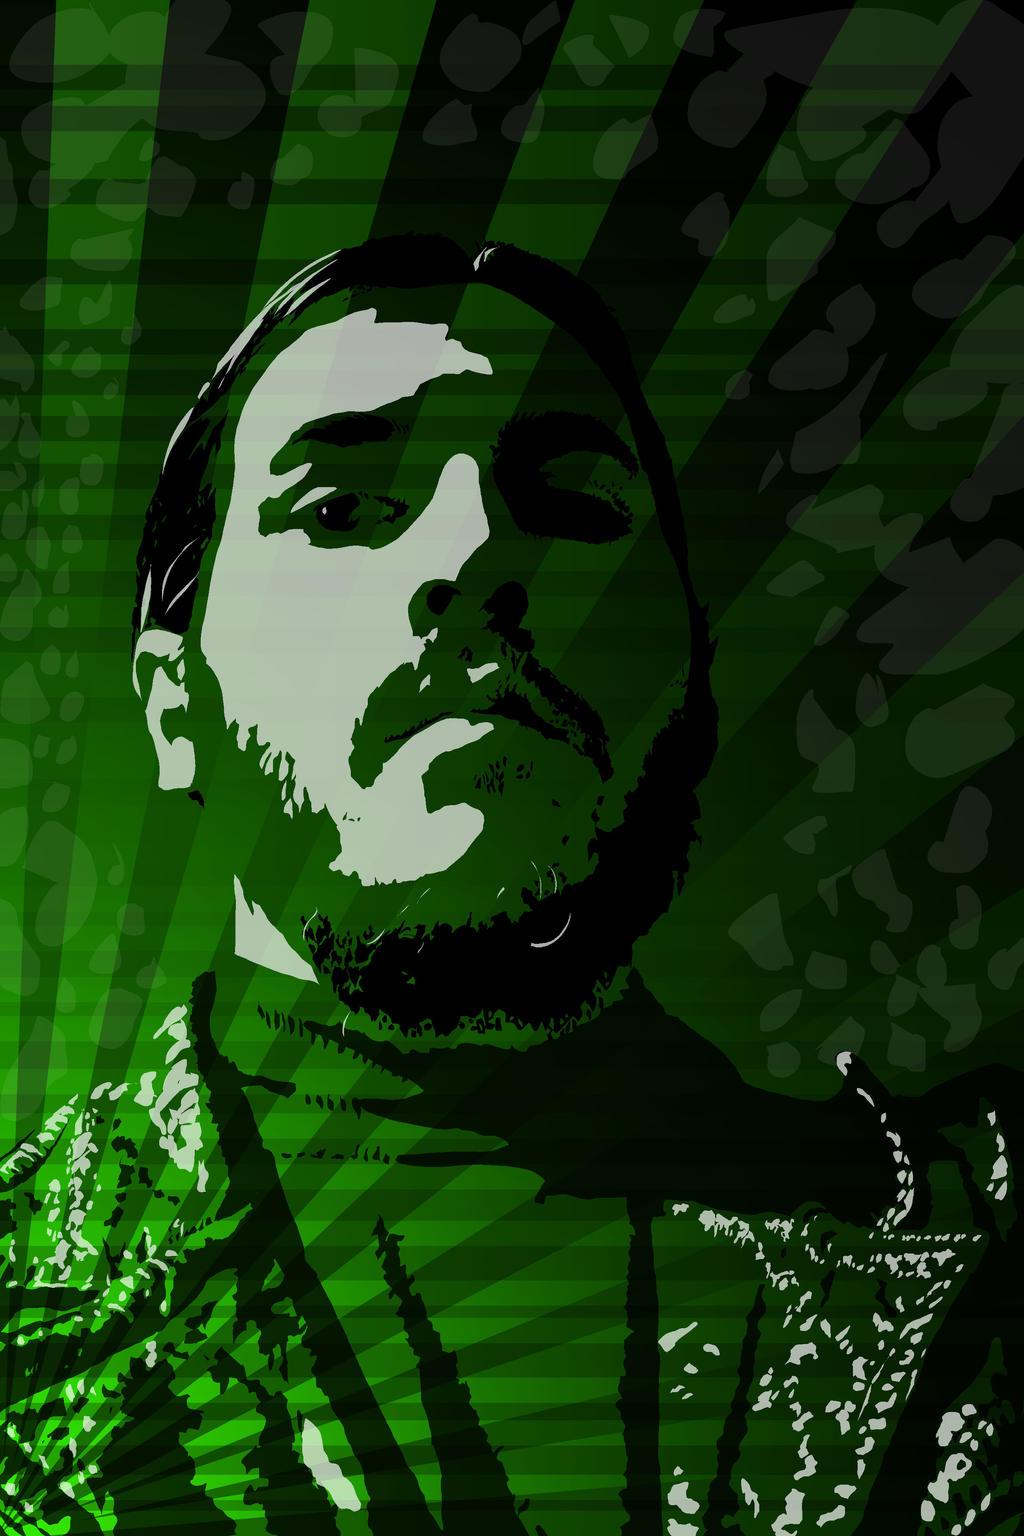 Reflective-Sentinal's Profile Picture